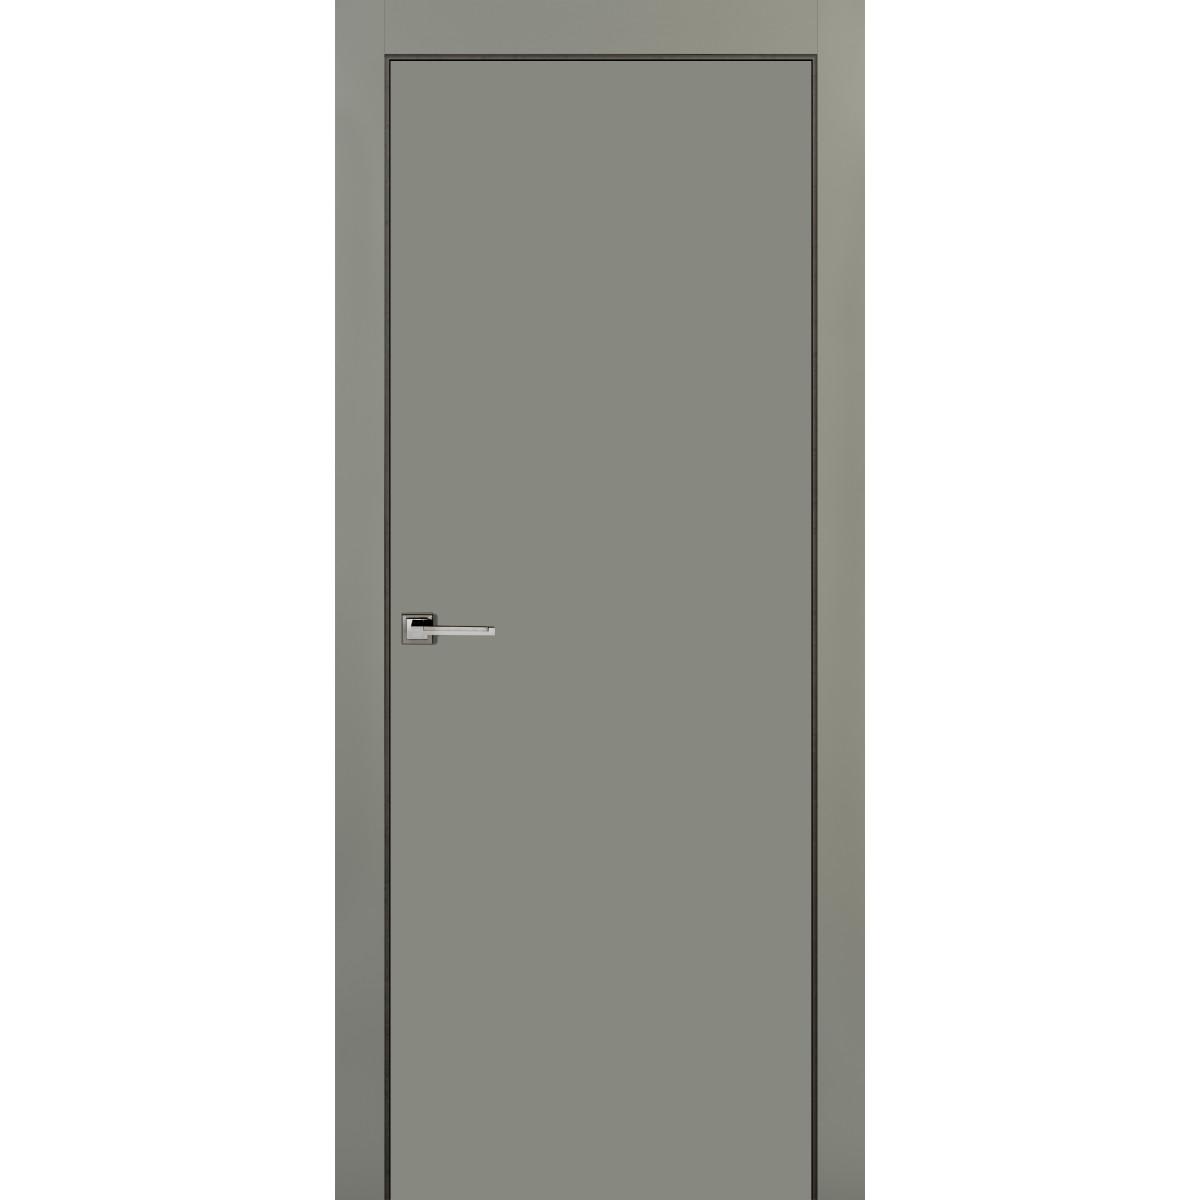 Дверь Межкомнатная Глухая С Замком В Комплекте 200x80 Эмаль Цвет Грей